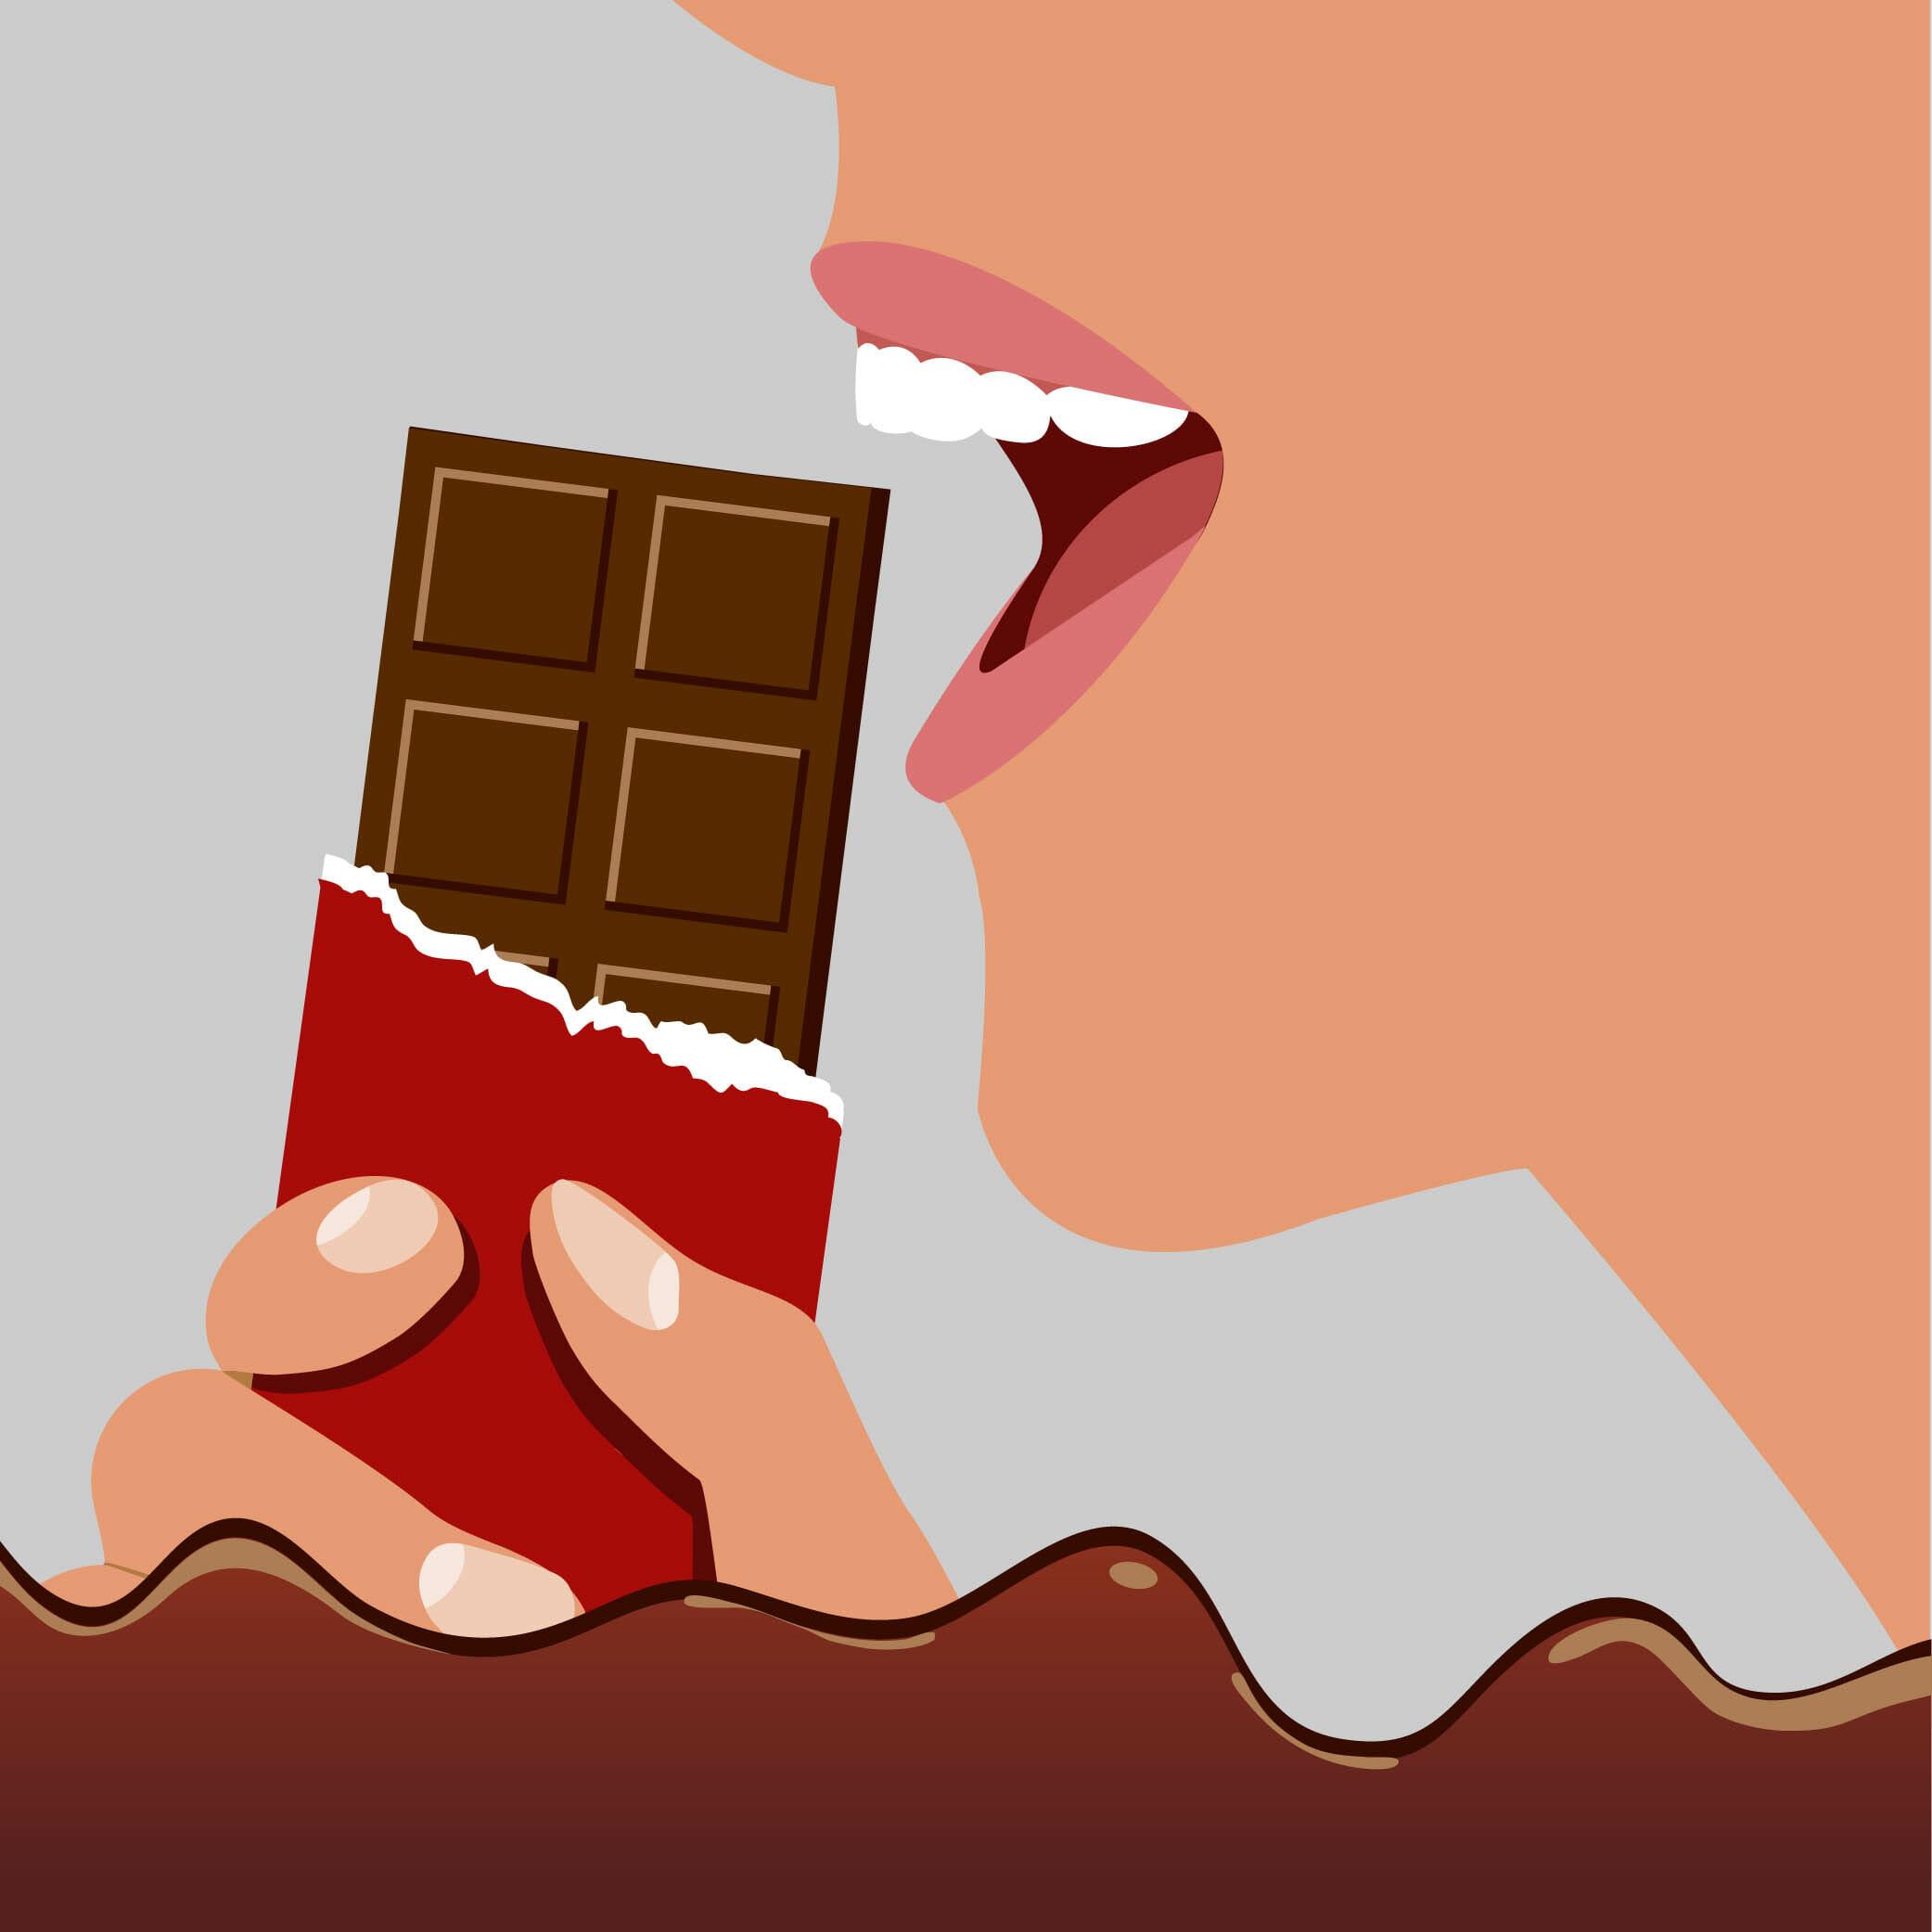 Na rysunku znajduje się kobieta, która zbliża do ust tabliczkę czekolady